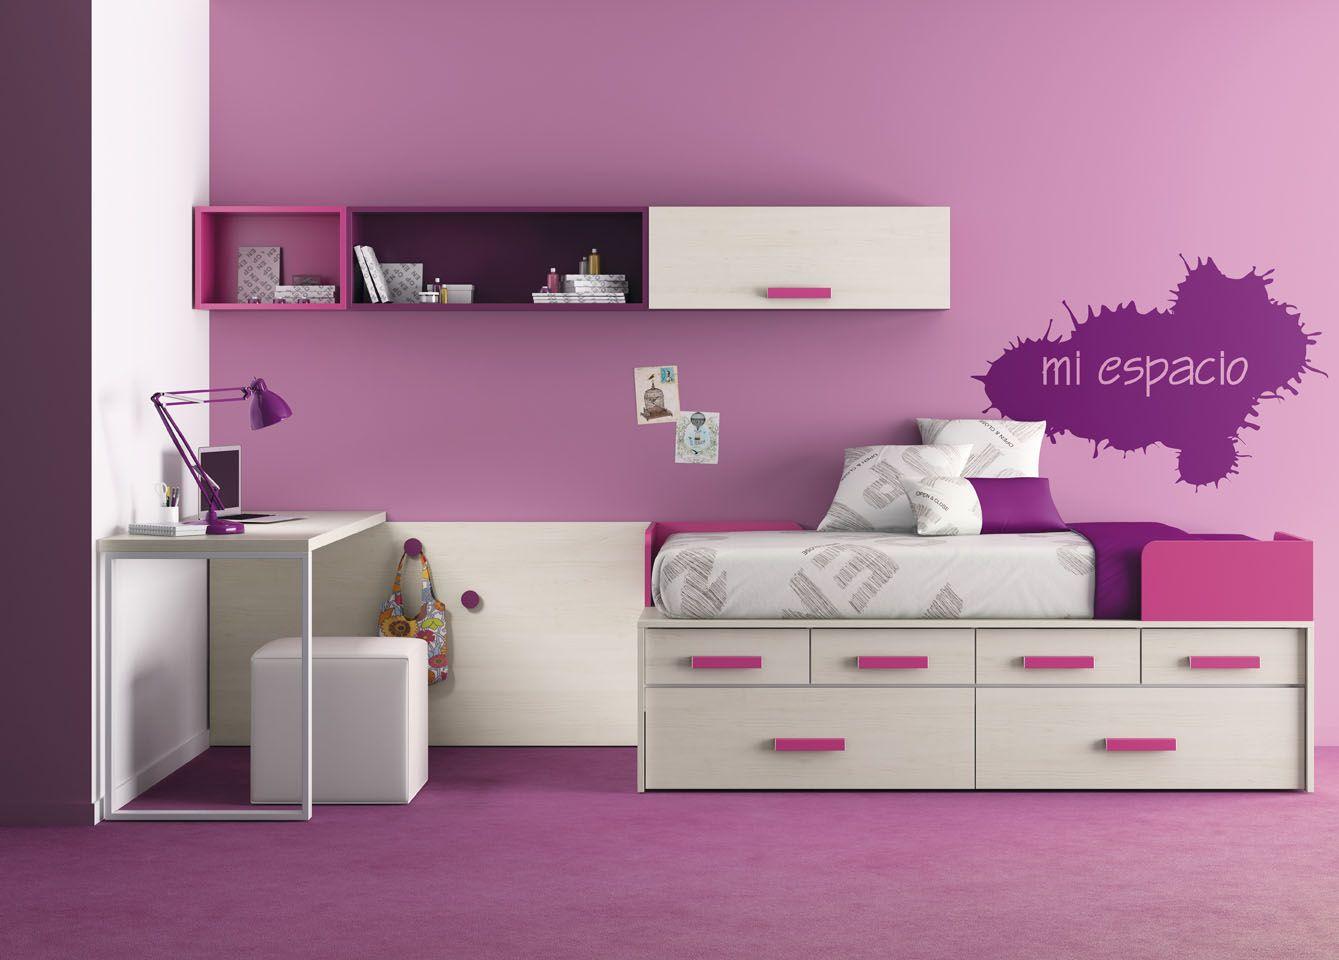 Si ntete joven en una habitaci n de muebles ros mueble for Muebles infantiles ros